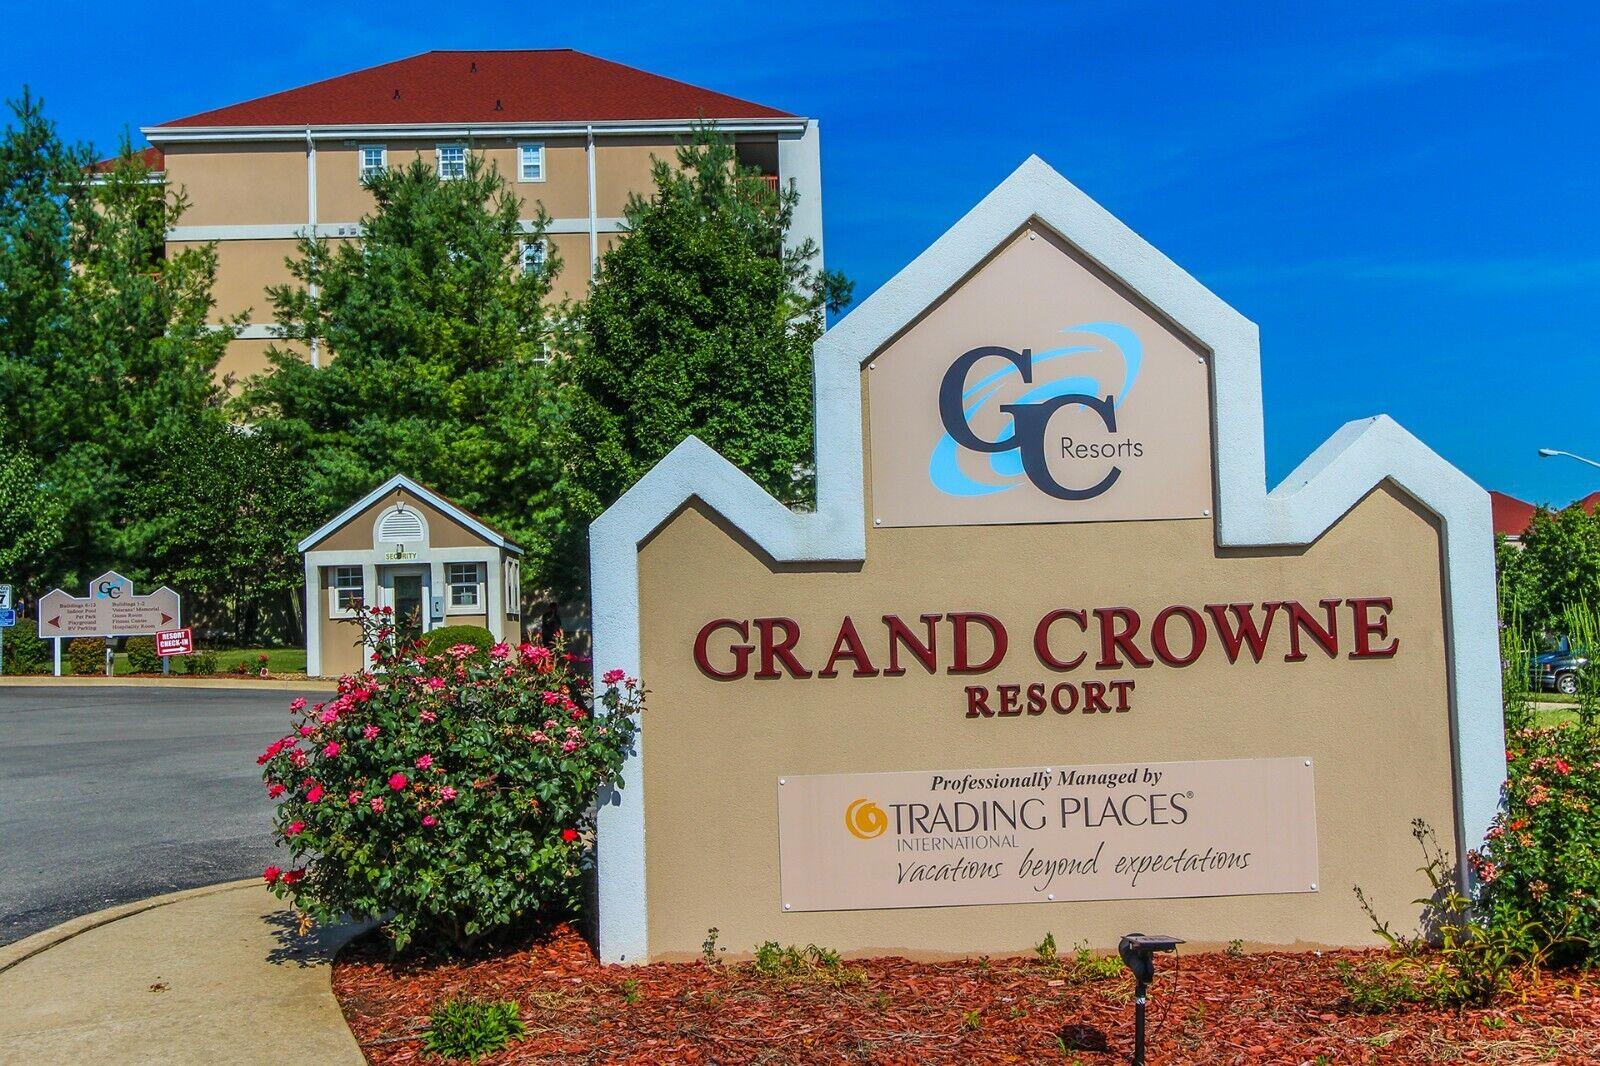 Grand Crowne Resort Timeshare Branson Missouri Interval International Points - $1.00